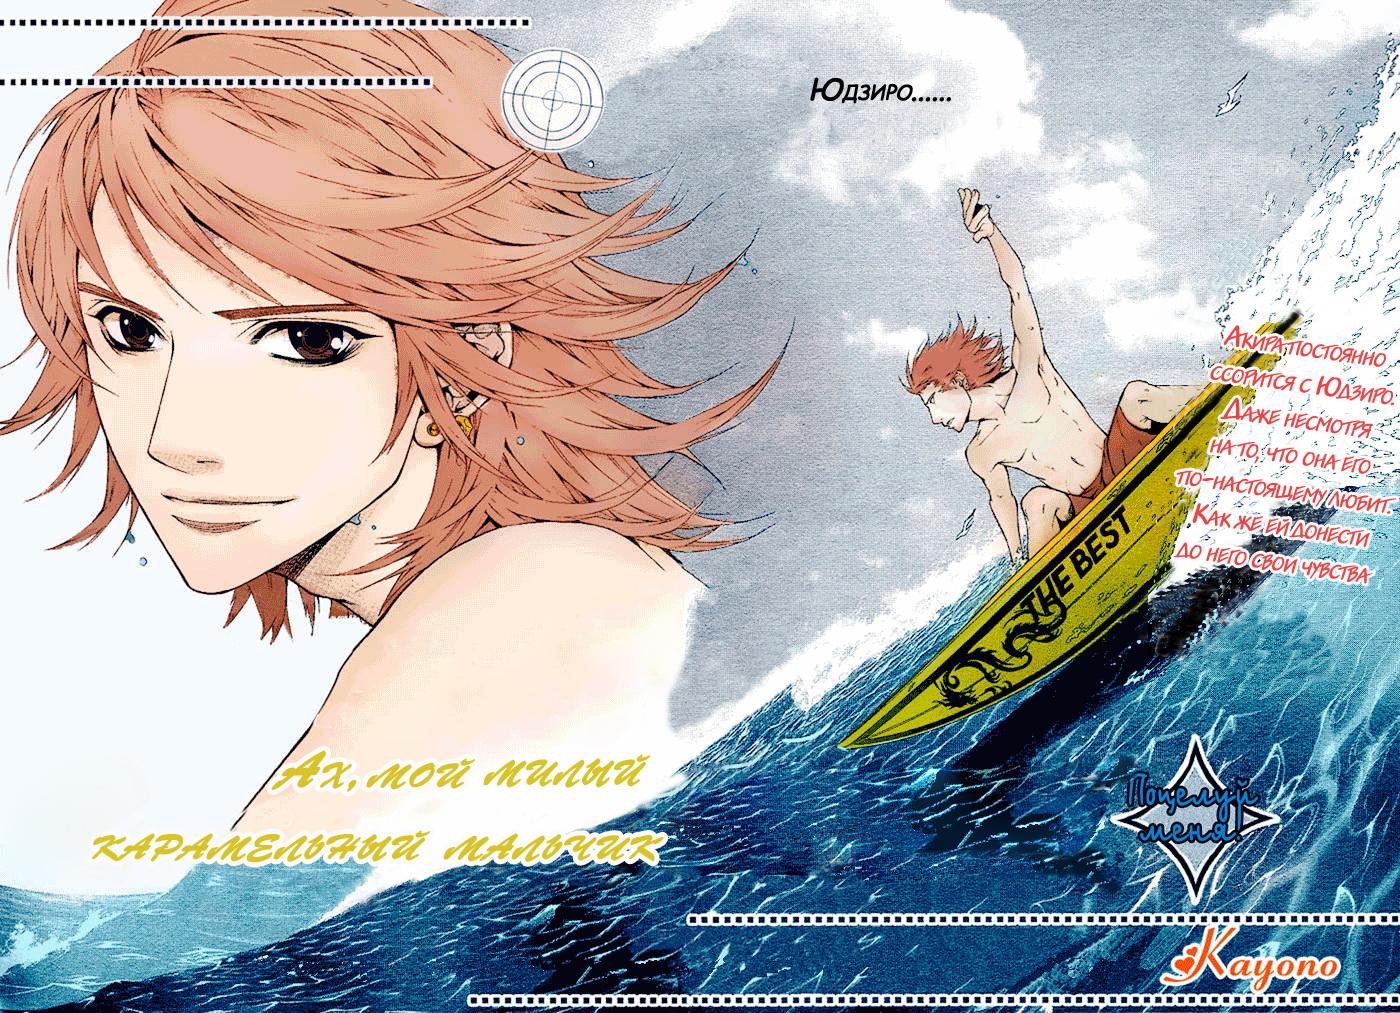 Ah Itoshi no Caramel Boy2